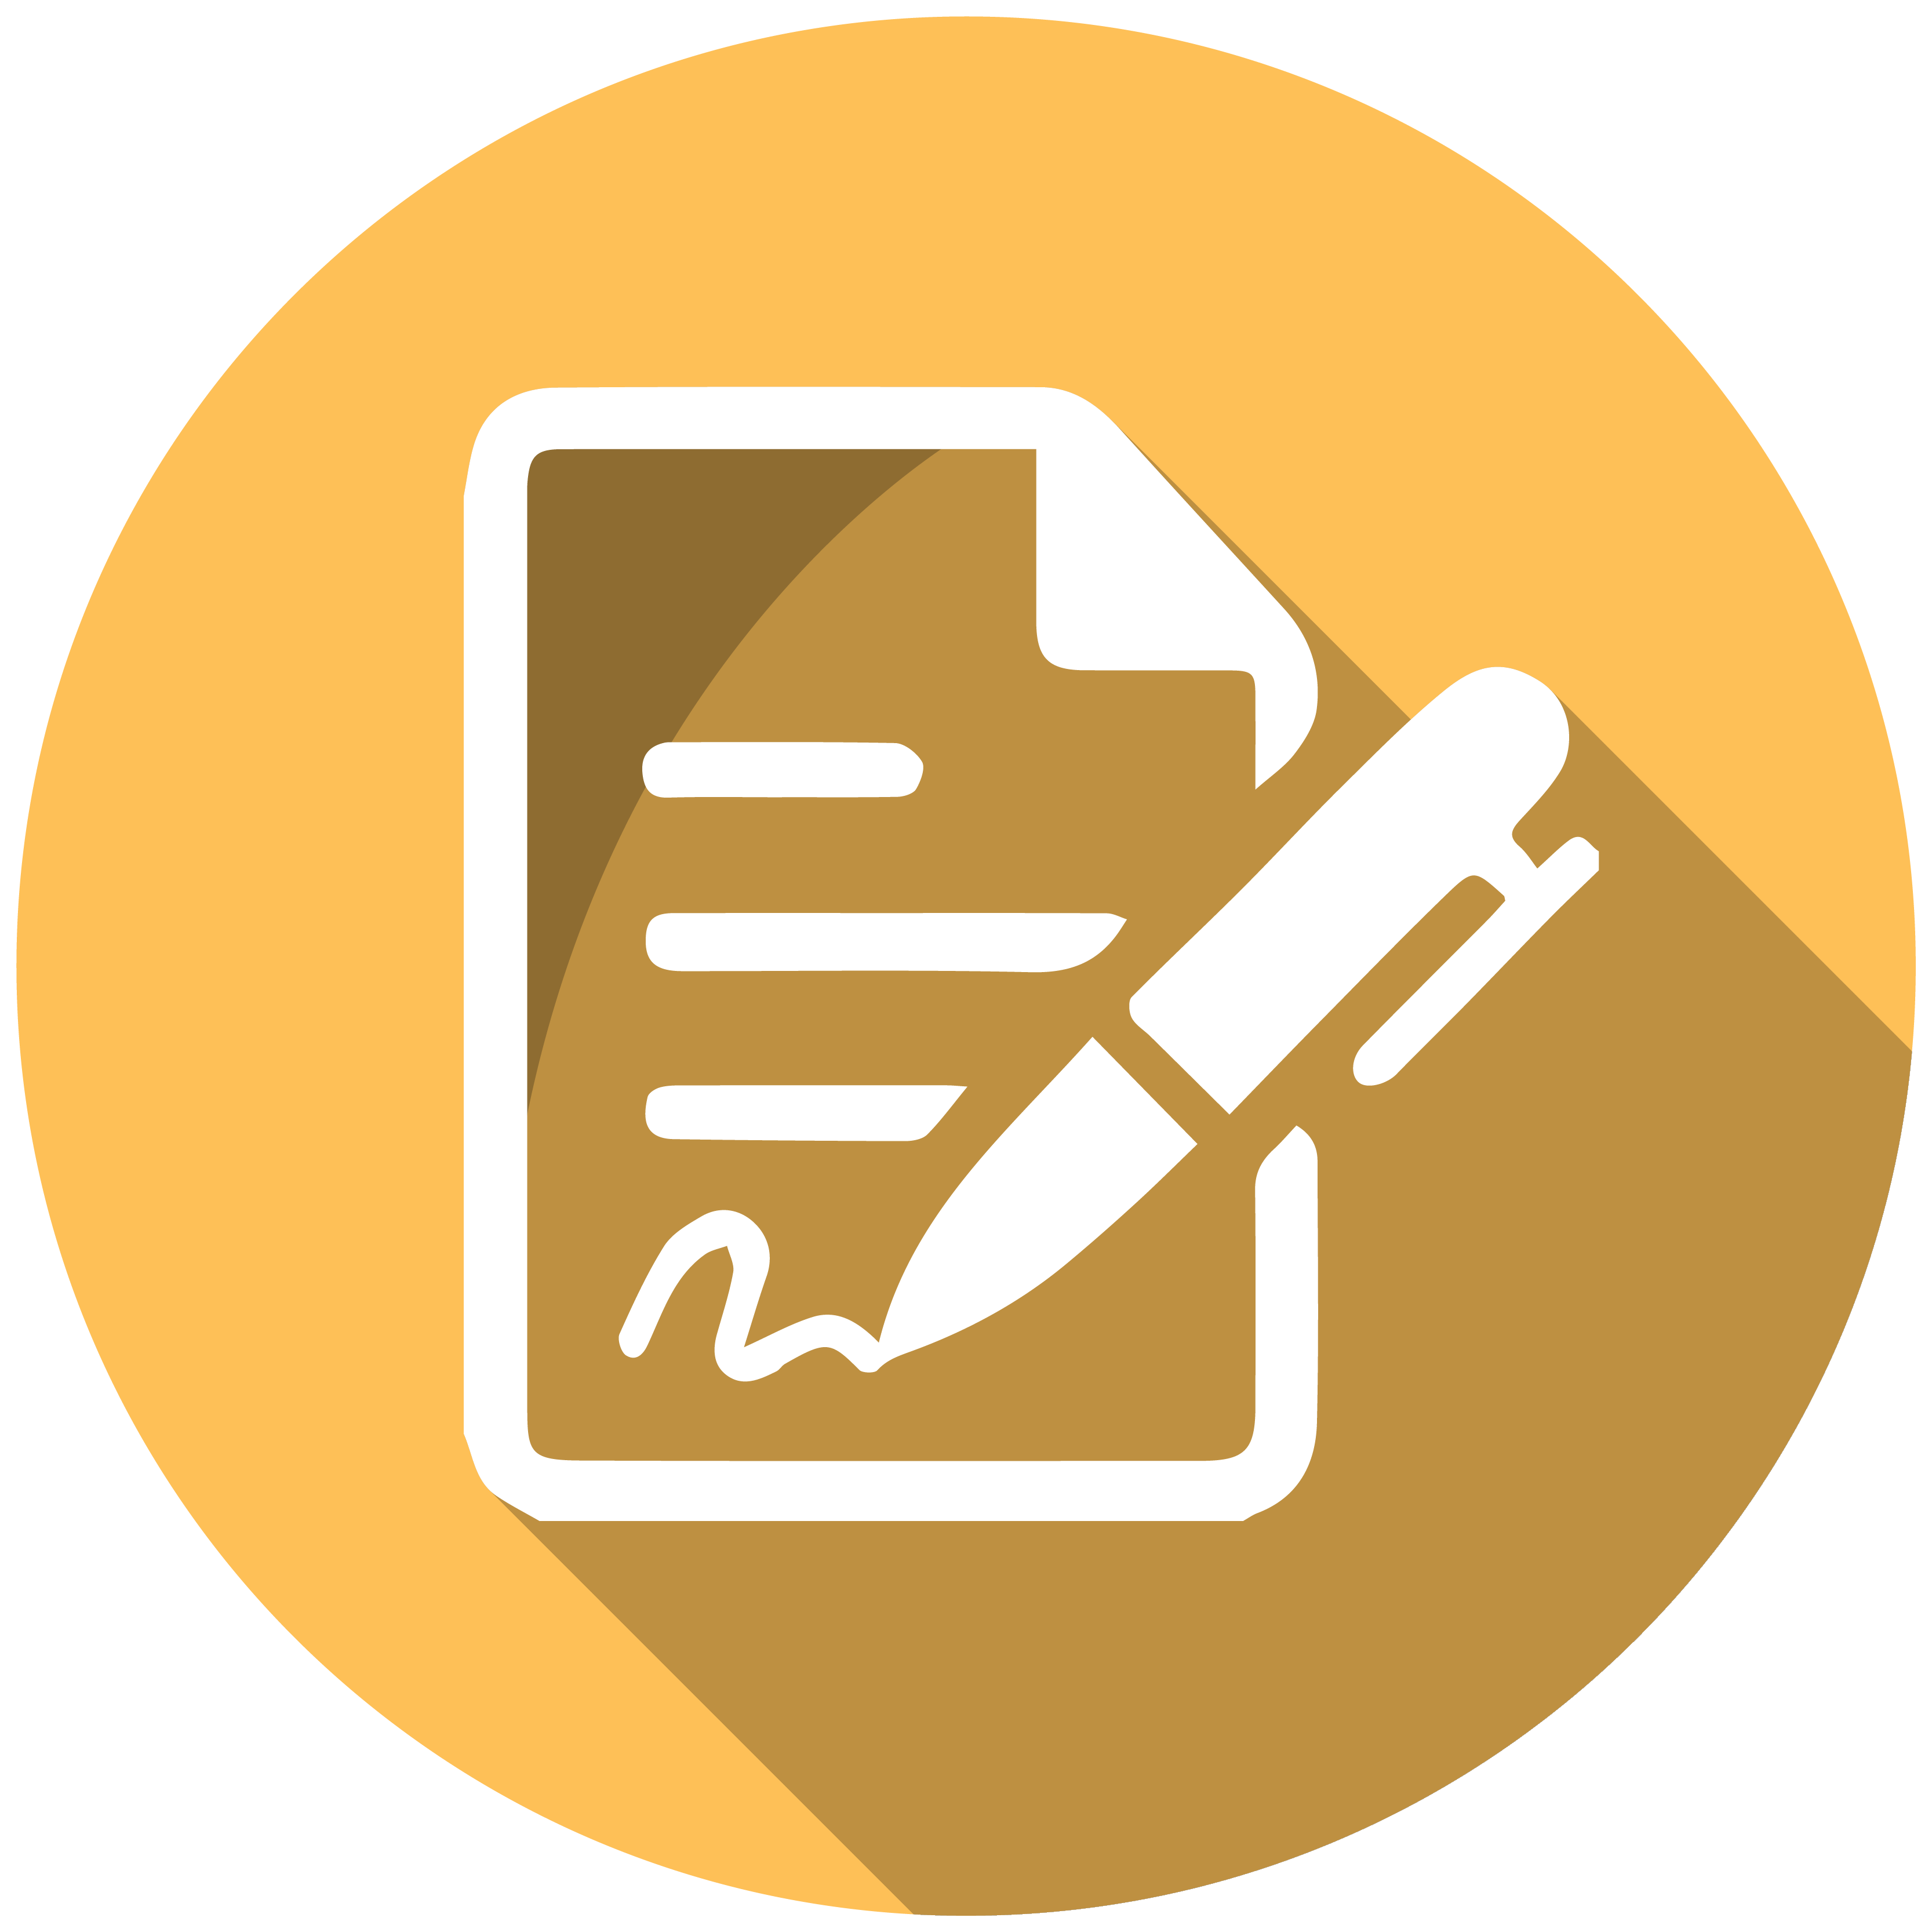 خرید فایل( رابطه کیفیت زندگی کاری و عملکرد مدیران)